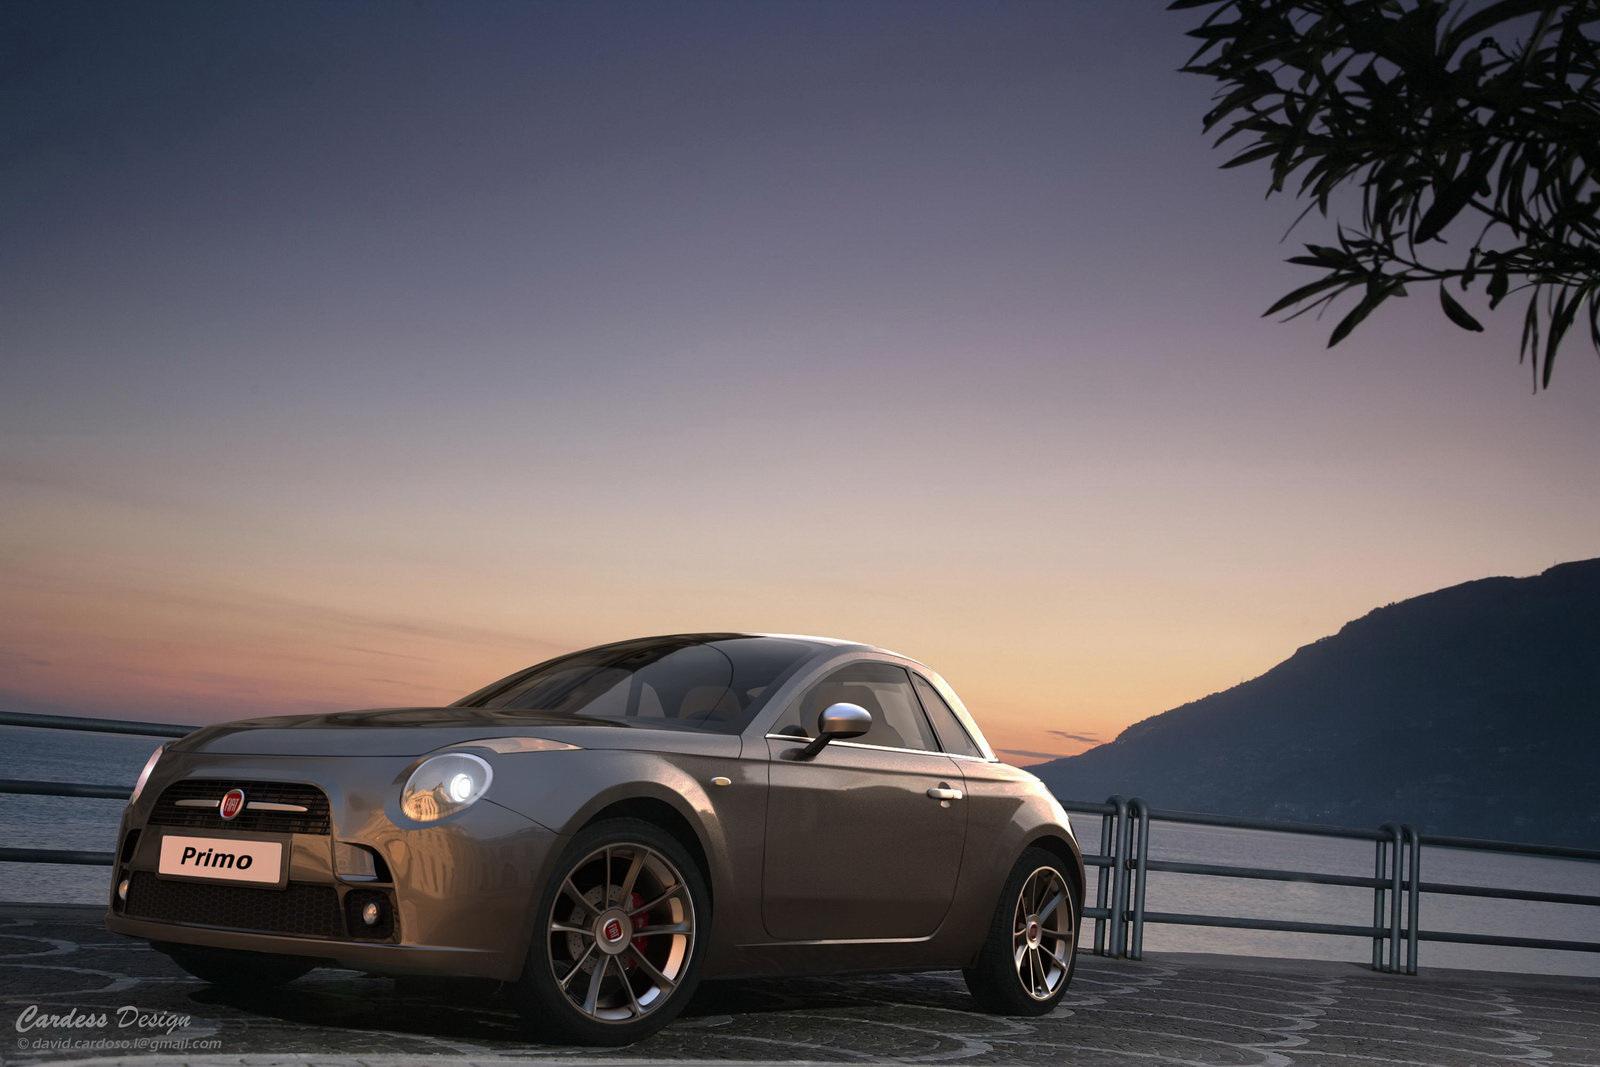 Fiat-Primo-Carscop-2